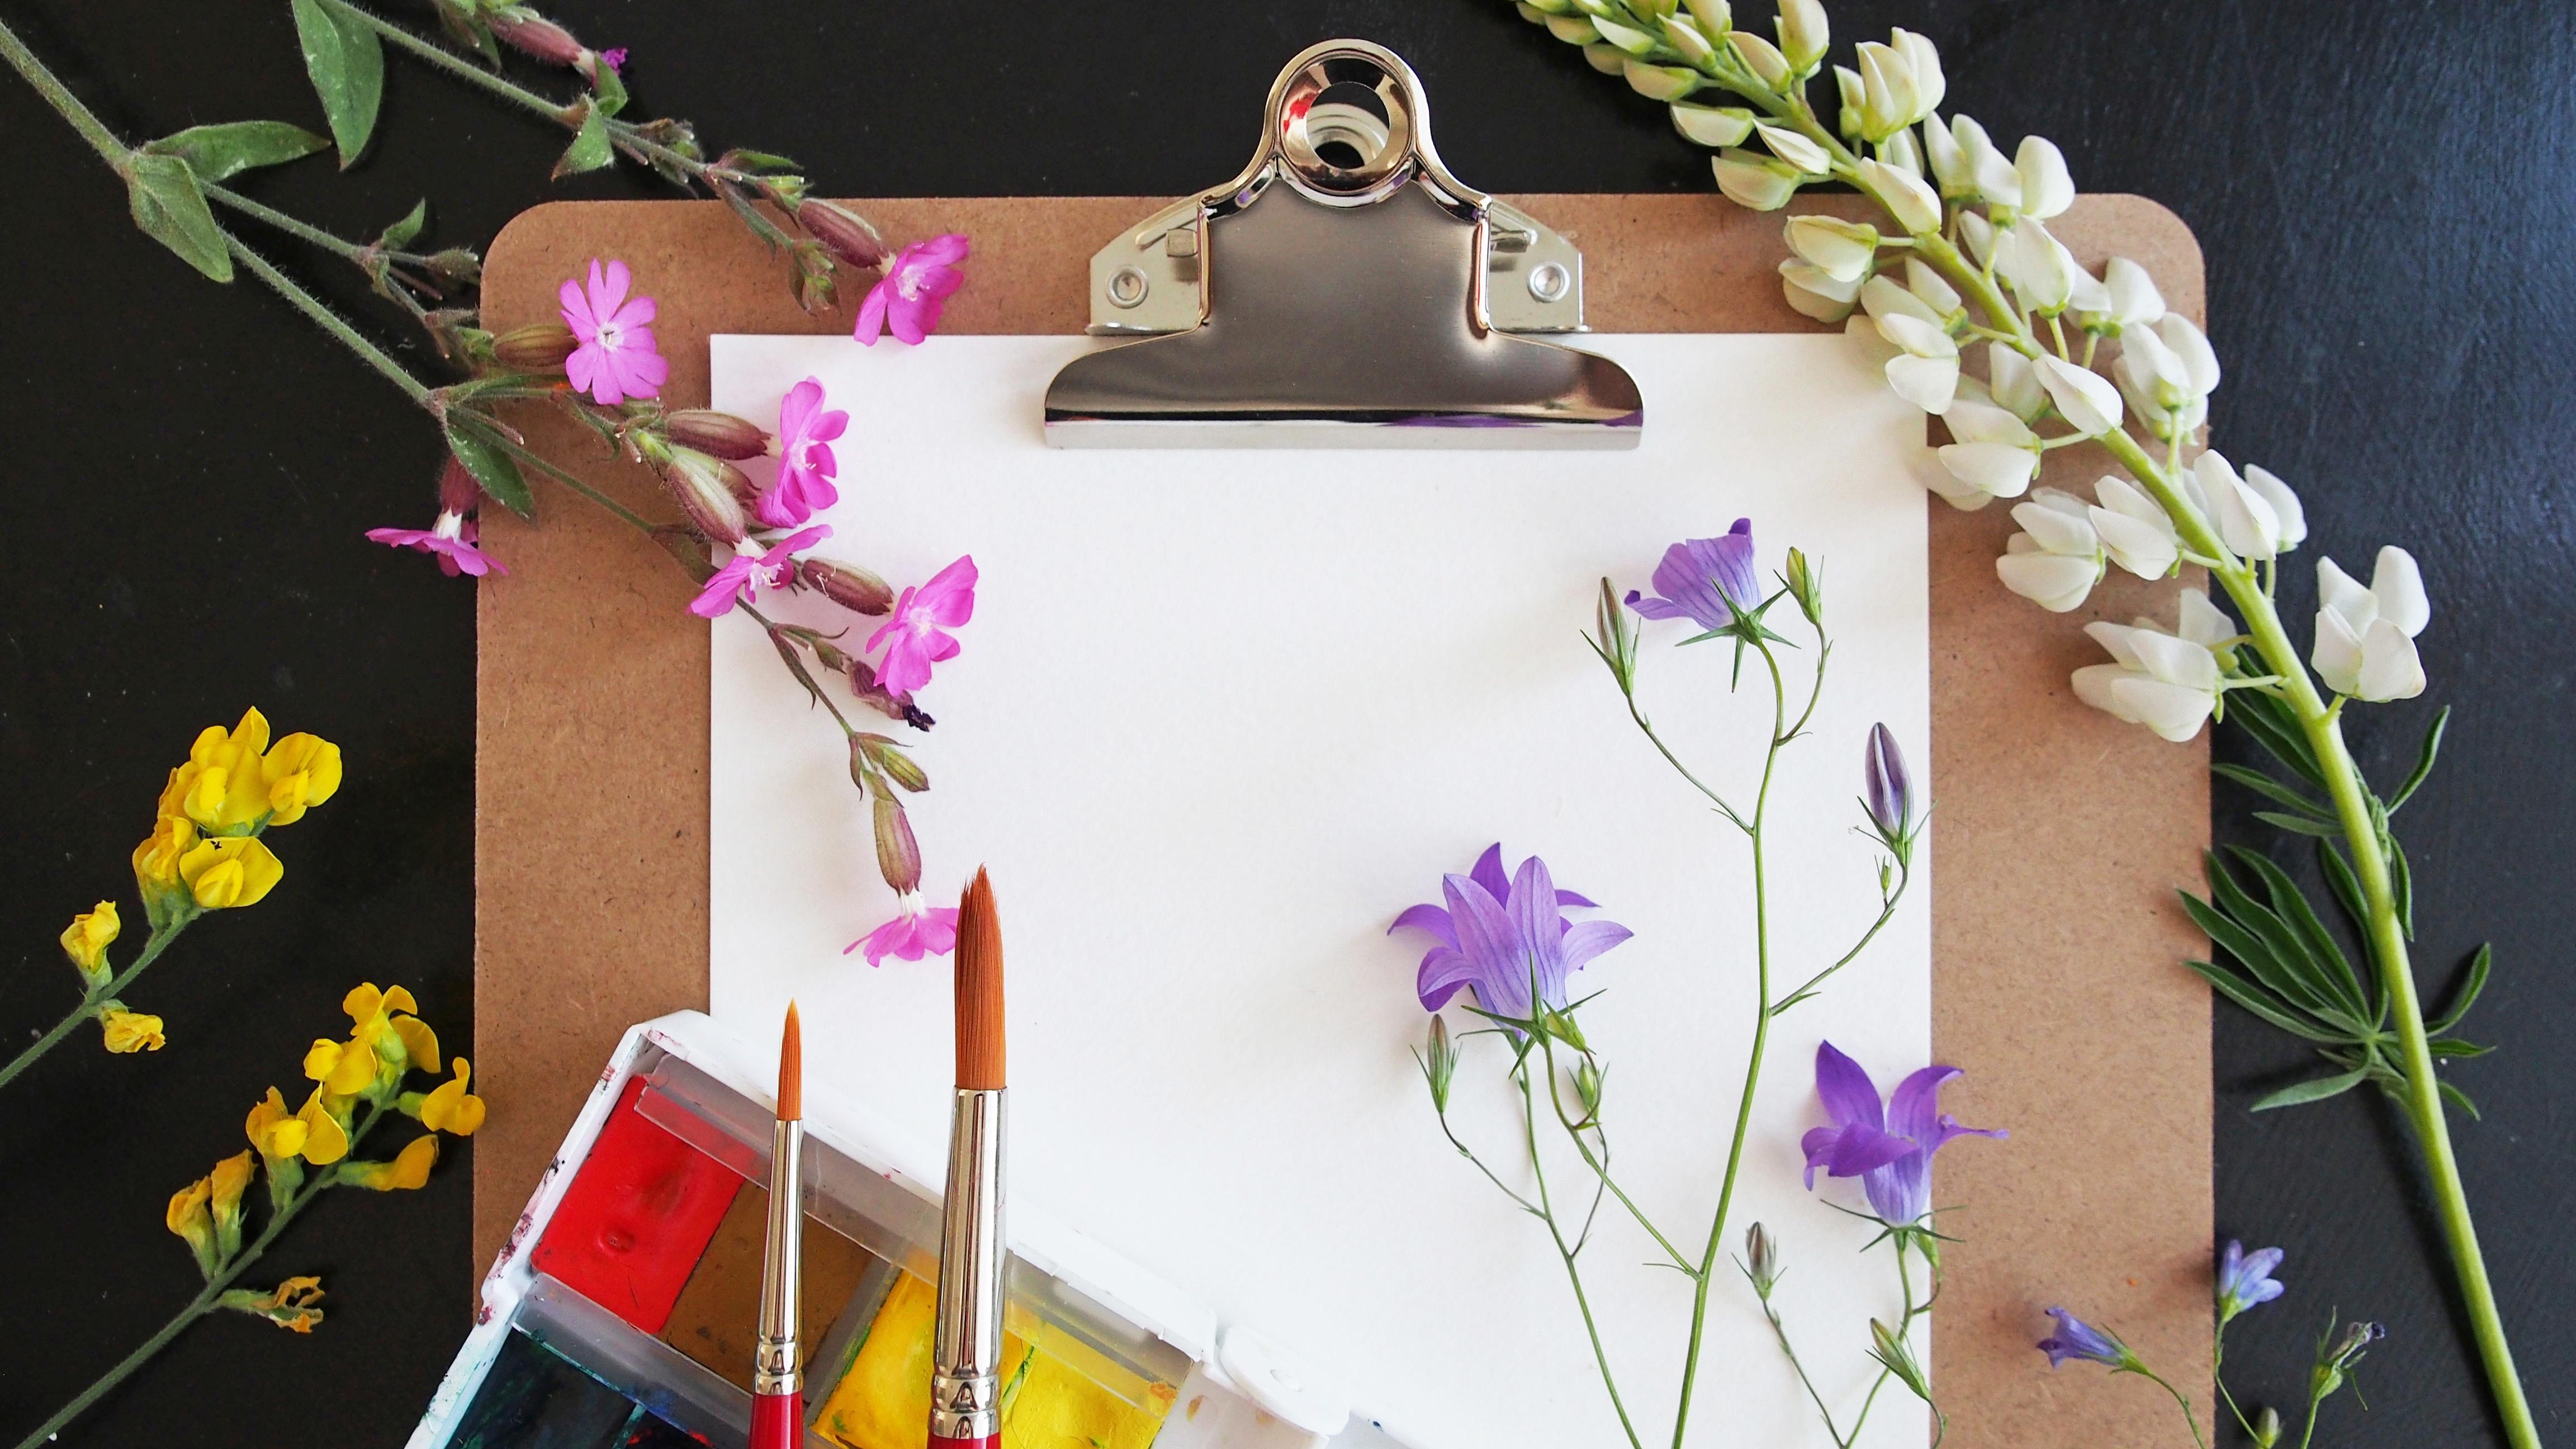 Kuvataiteen päivä: Suuri maalaustapahtuma | Porin taidemuseo